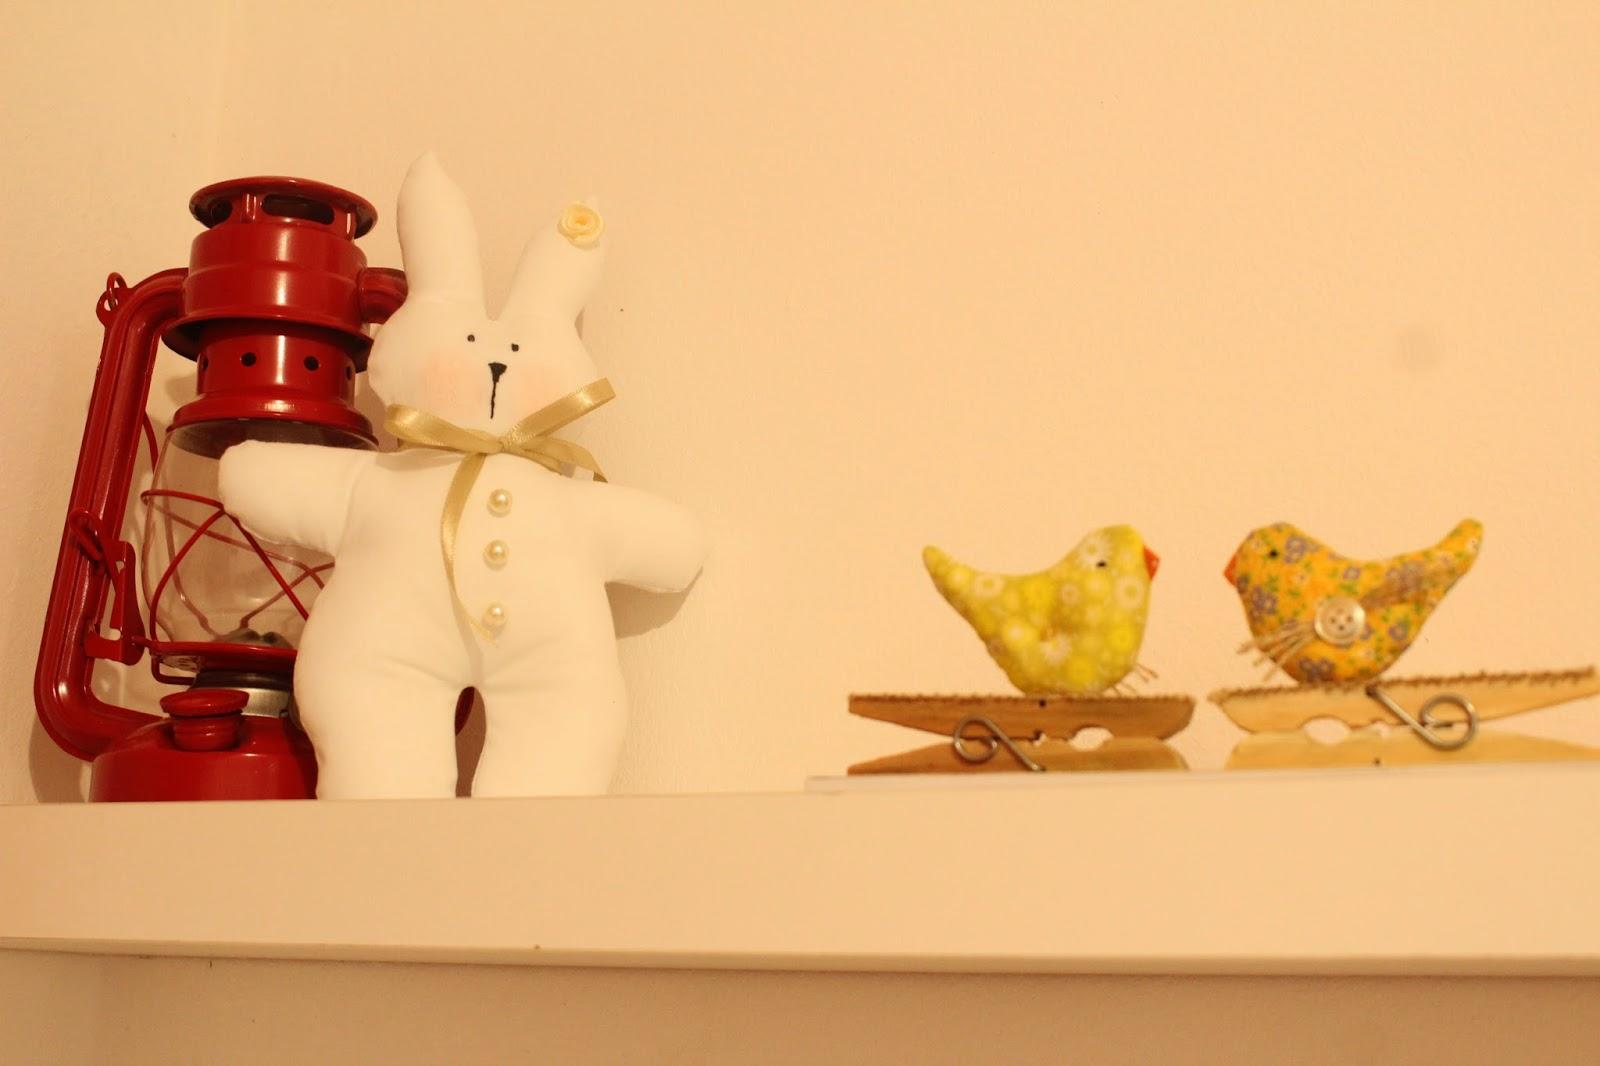 Decoração de páscoa barata, Recilando e decorando, cascas de ovos, Coelhos, Vaso feito com venouras, arranjos de páscoa